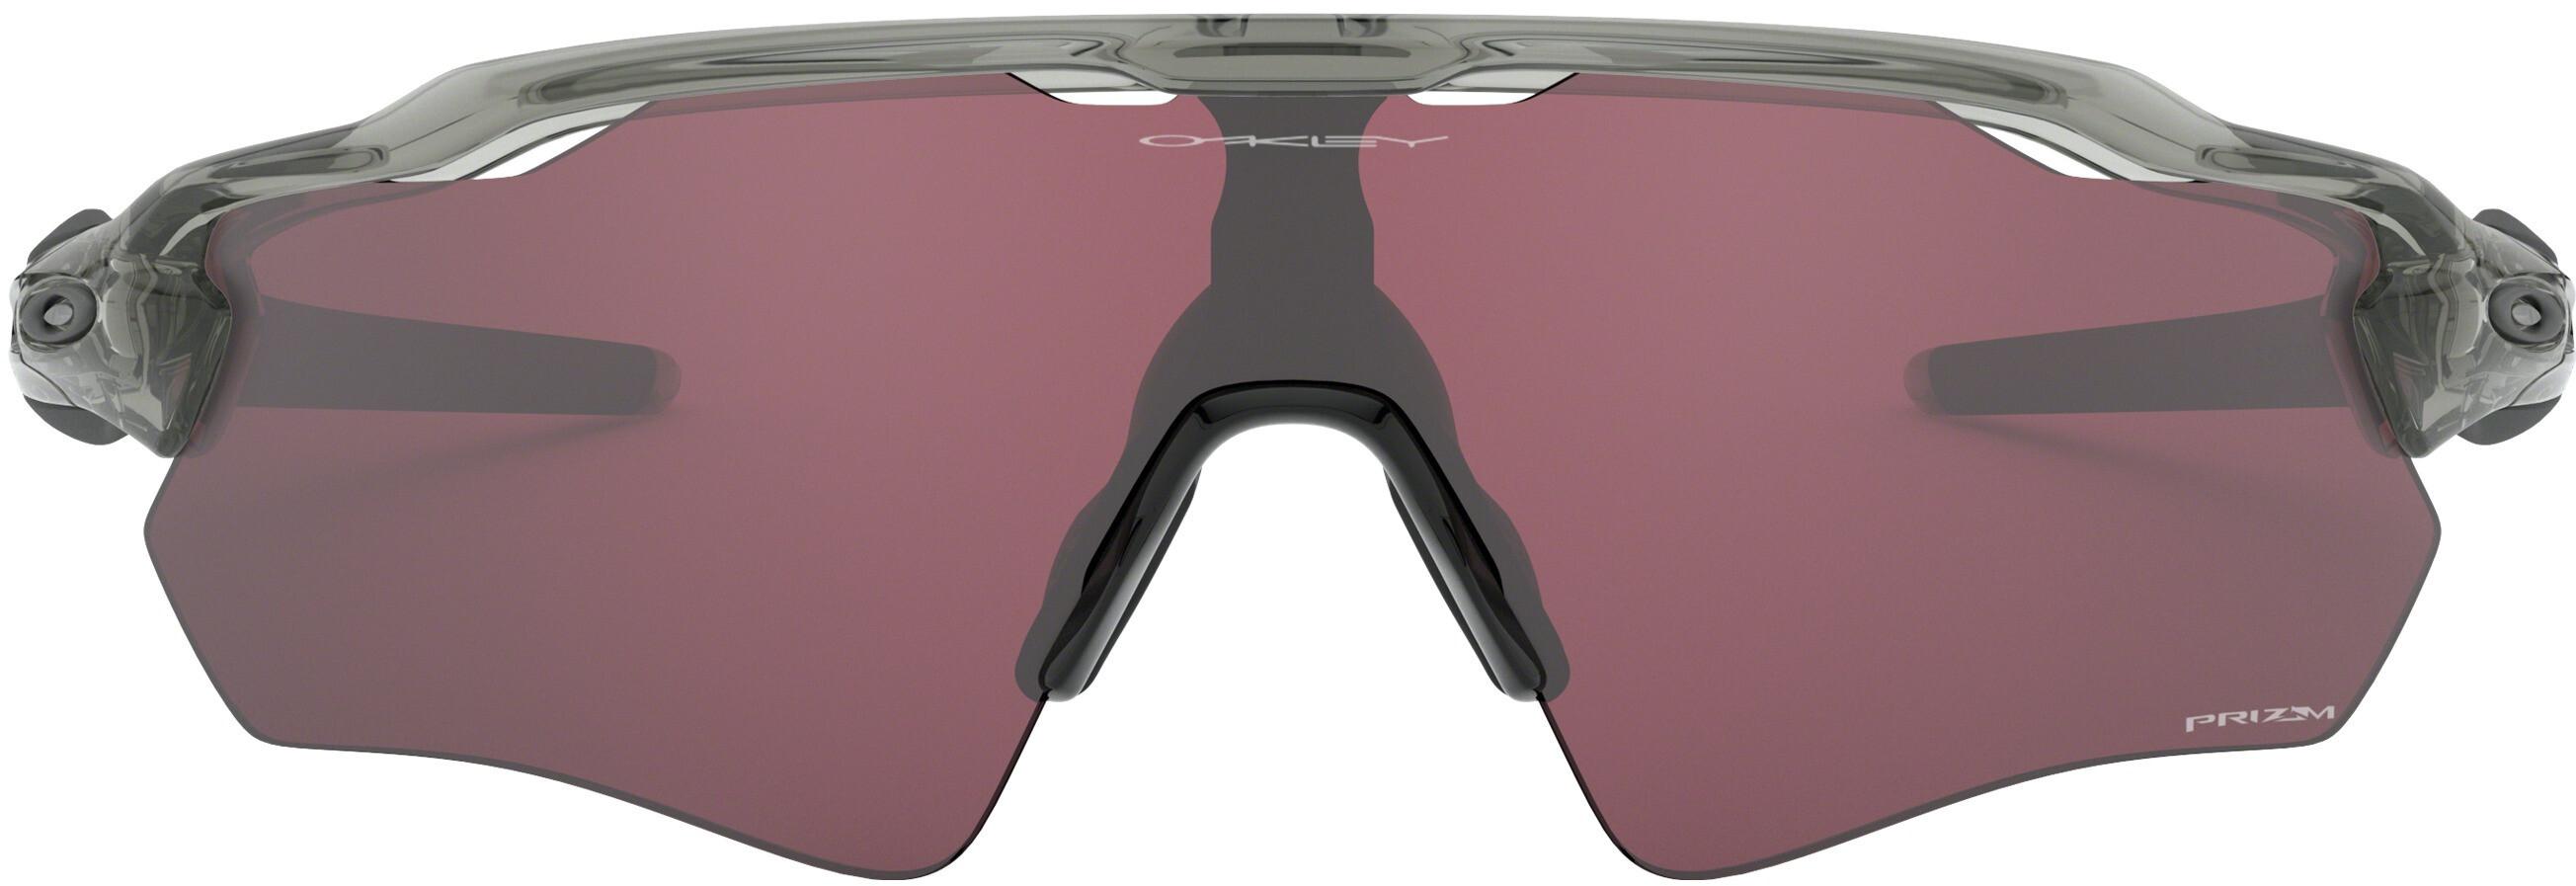 99f72d5ba9 Oakley Radar EV Path Gafas ciclismo, grey ink/prizm road black ...